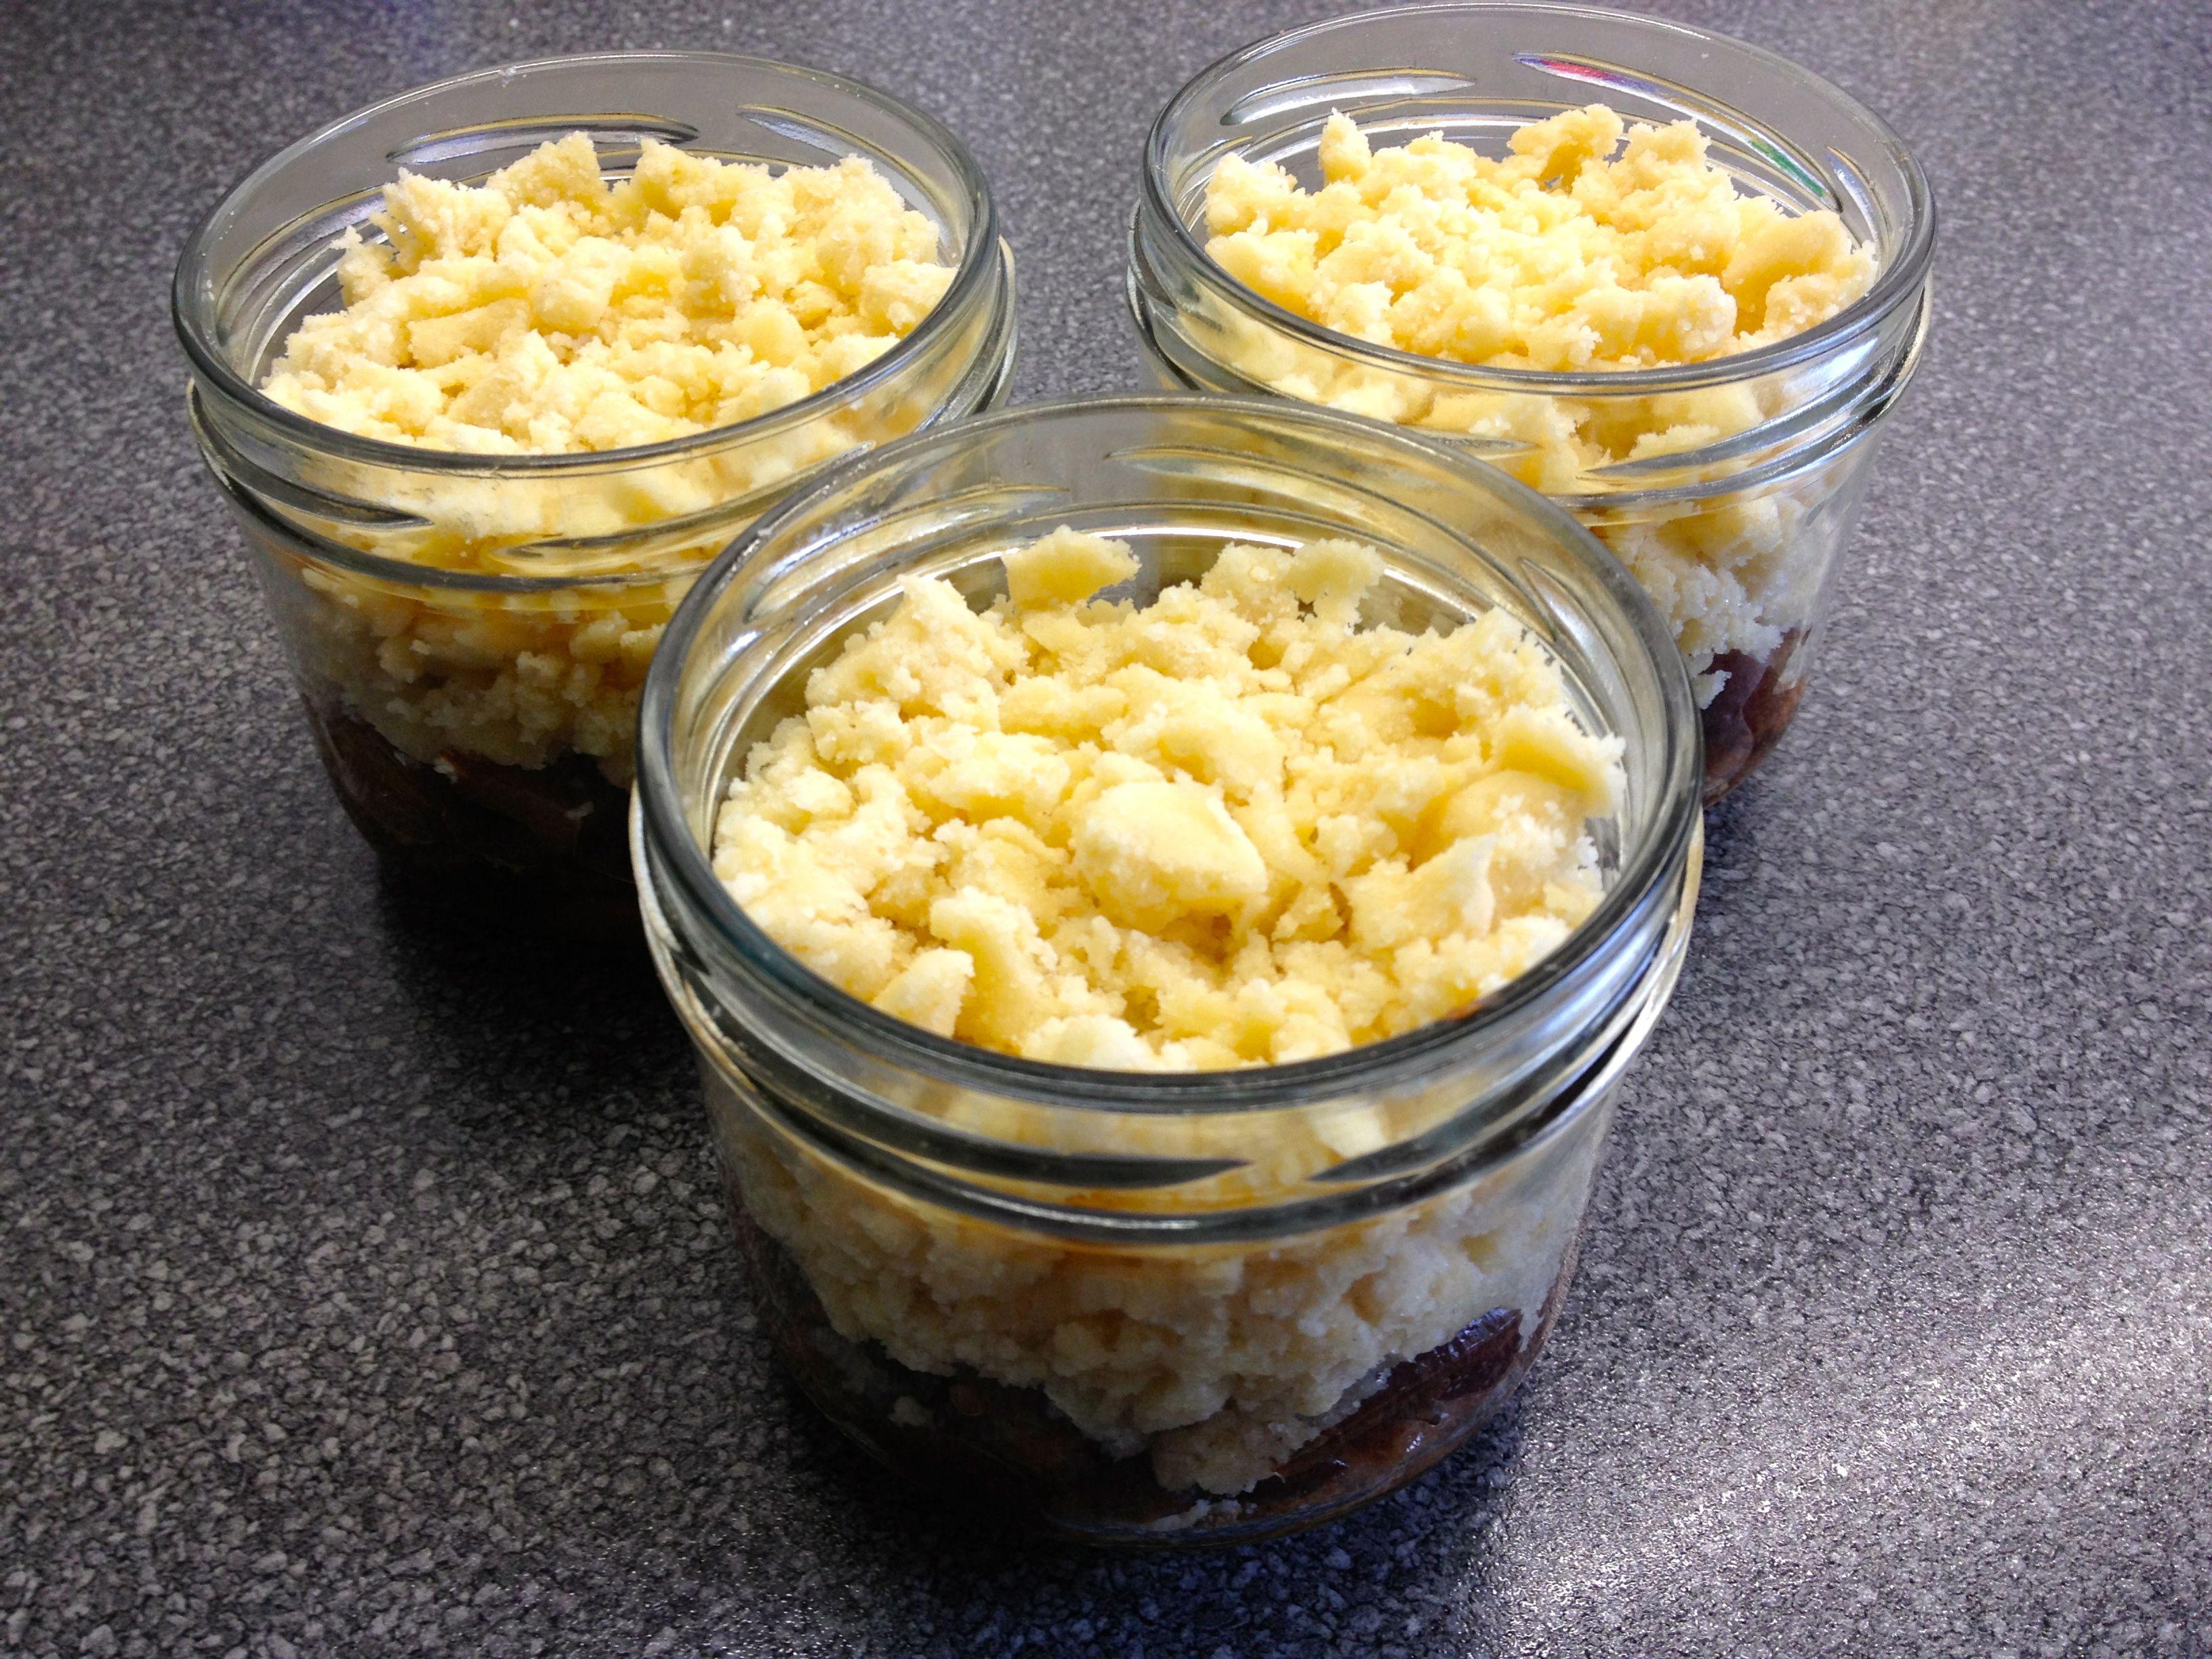 Pflaumen-Crumble im Glas mit Vanille und Zimt   Pflaumen ...